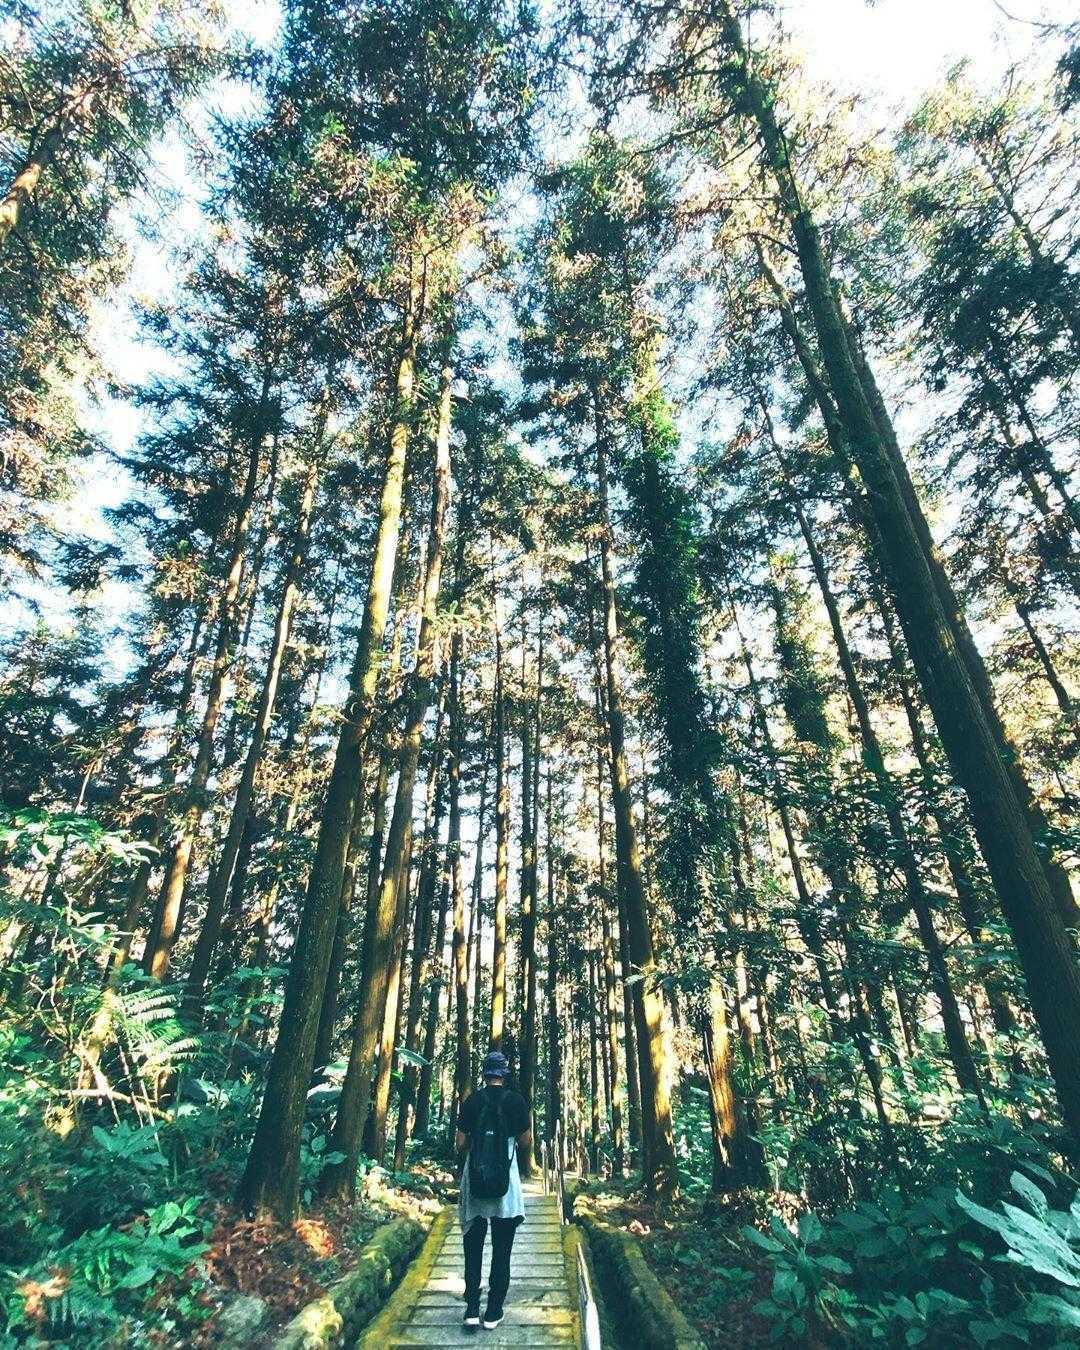 鳳凰谷鳥園生態園區 |天然森林區